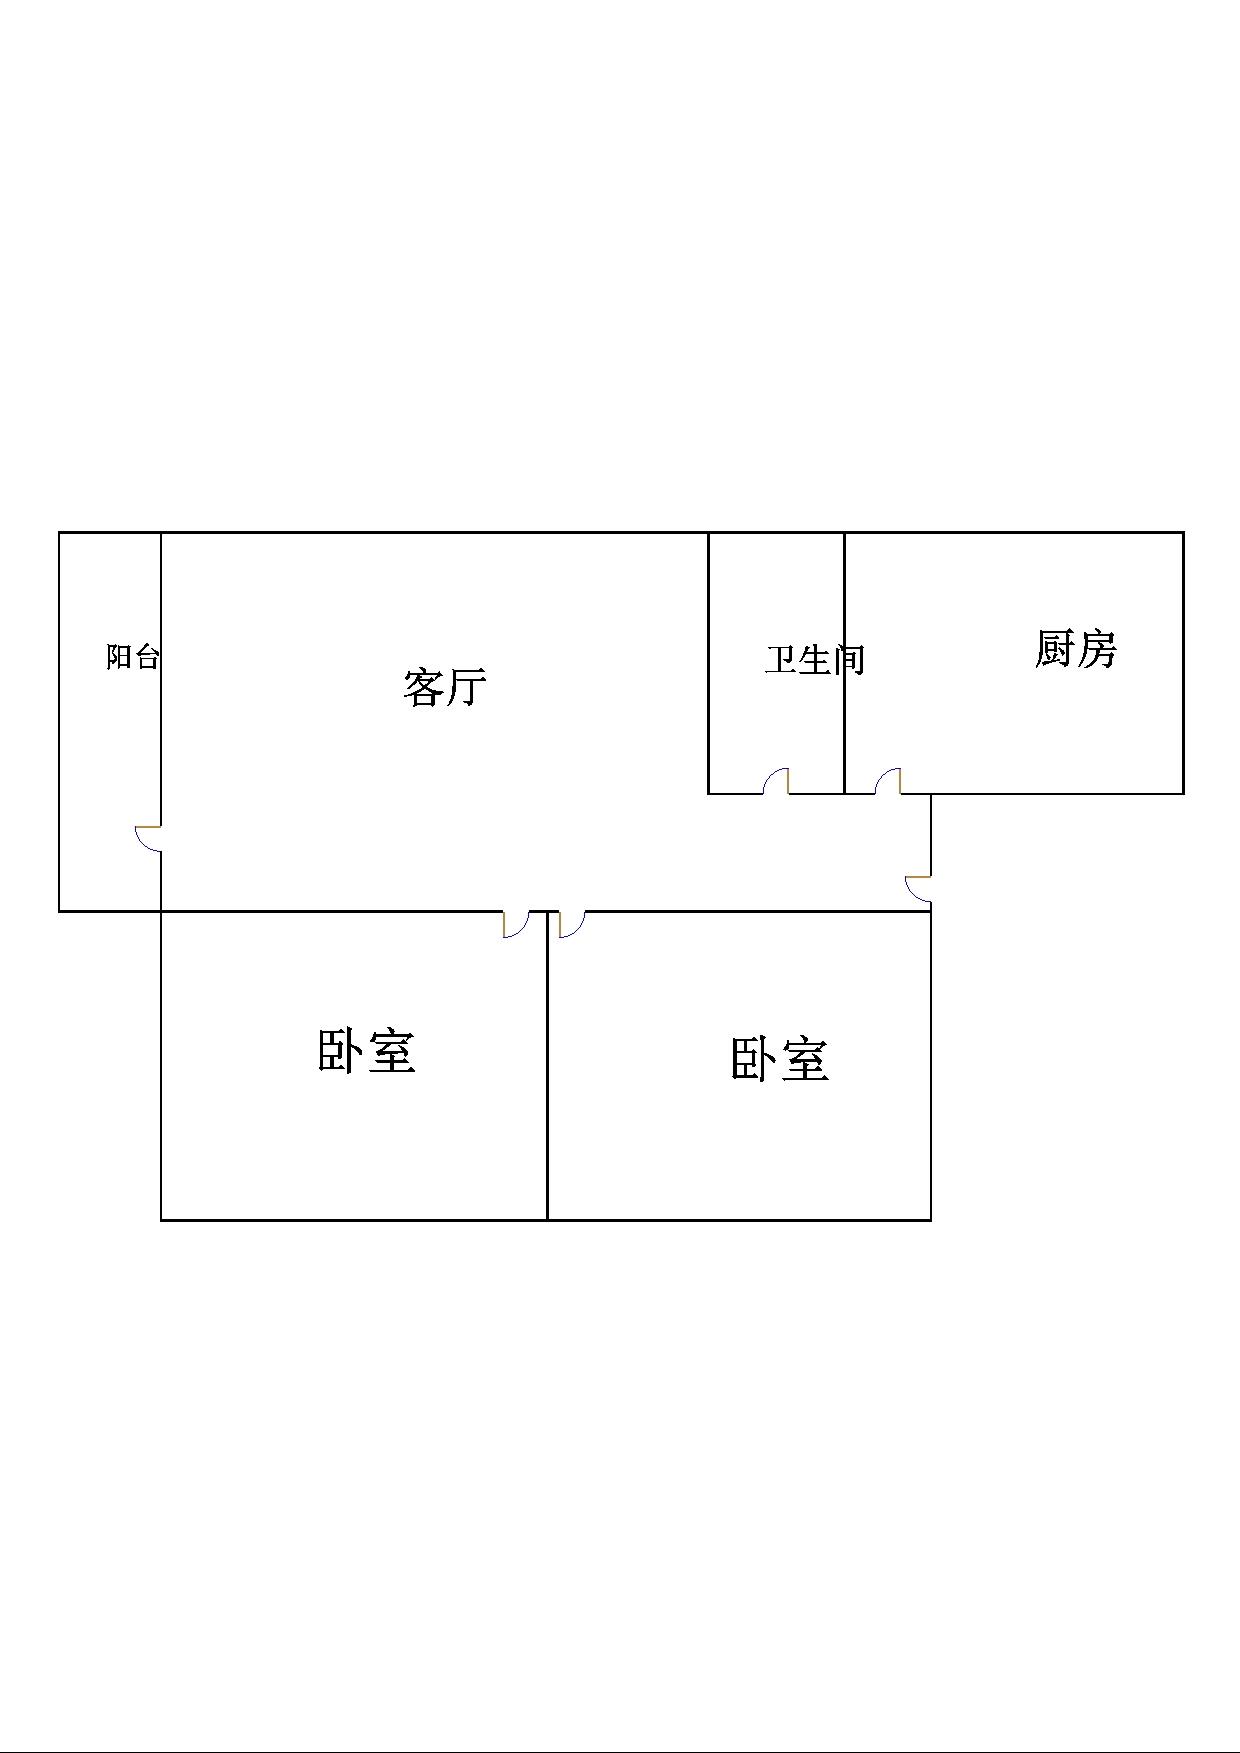 凯旋花园 2室2厅 12楼